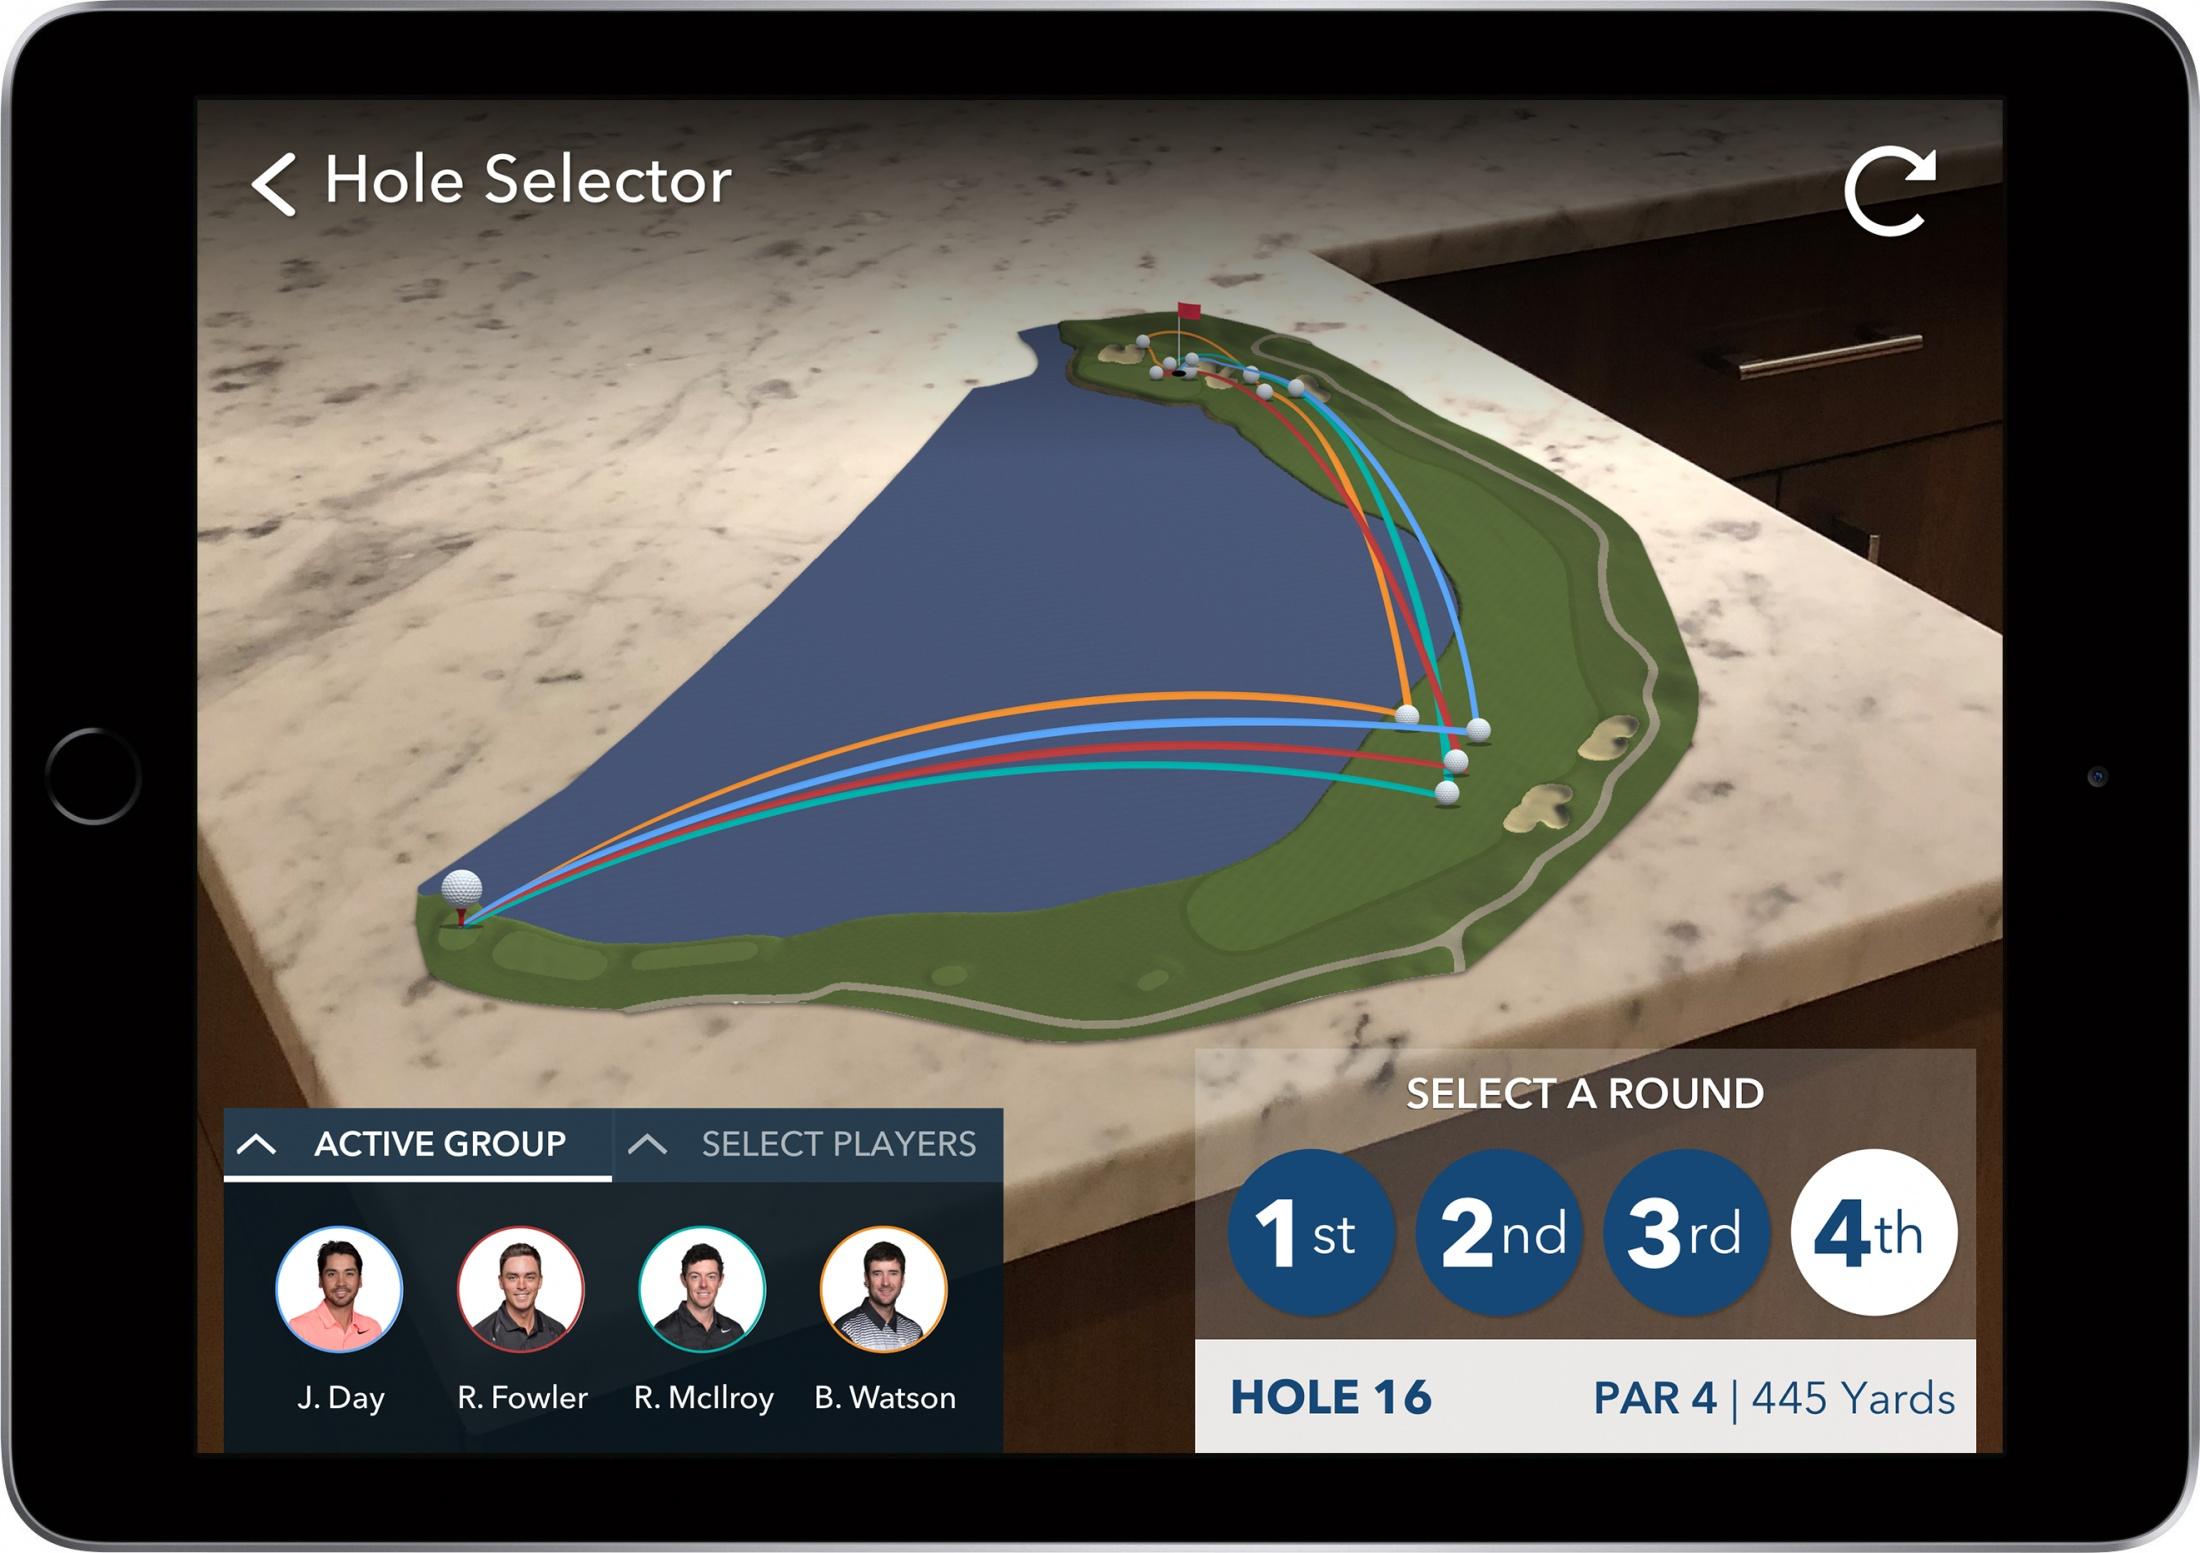 Thumbnail for PGA TOUR Augmented Reality (AR)